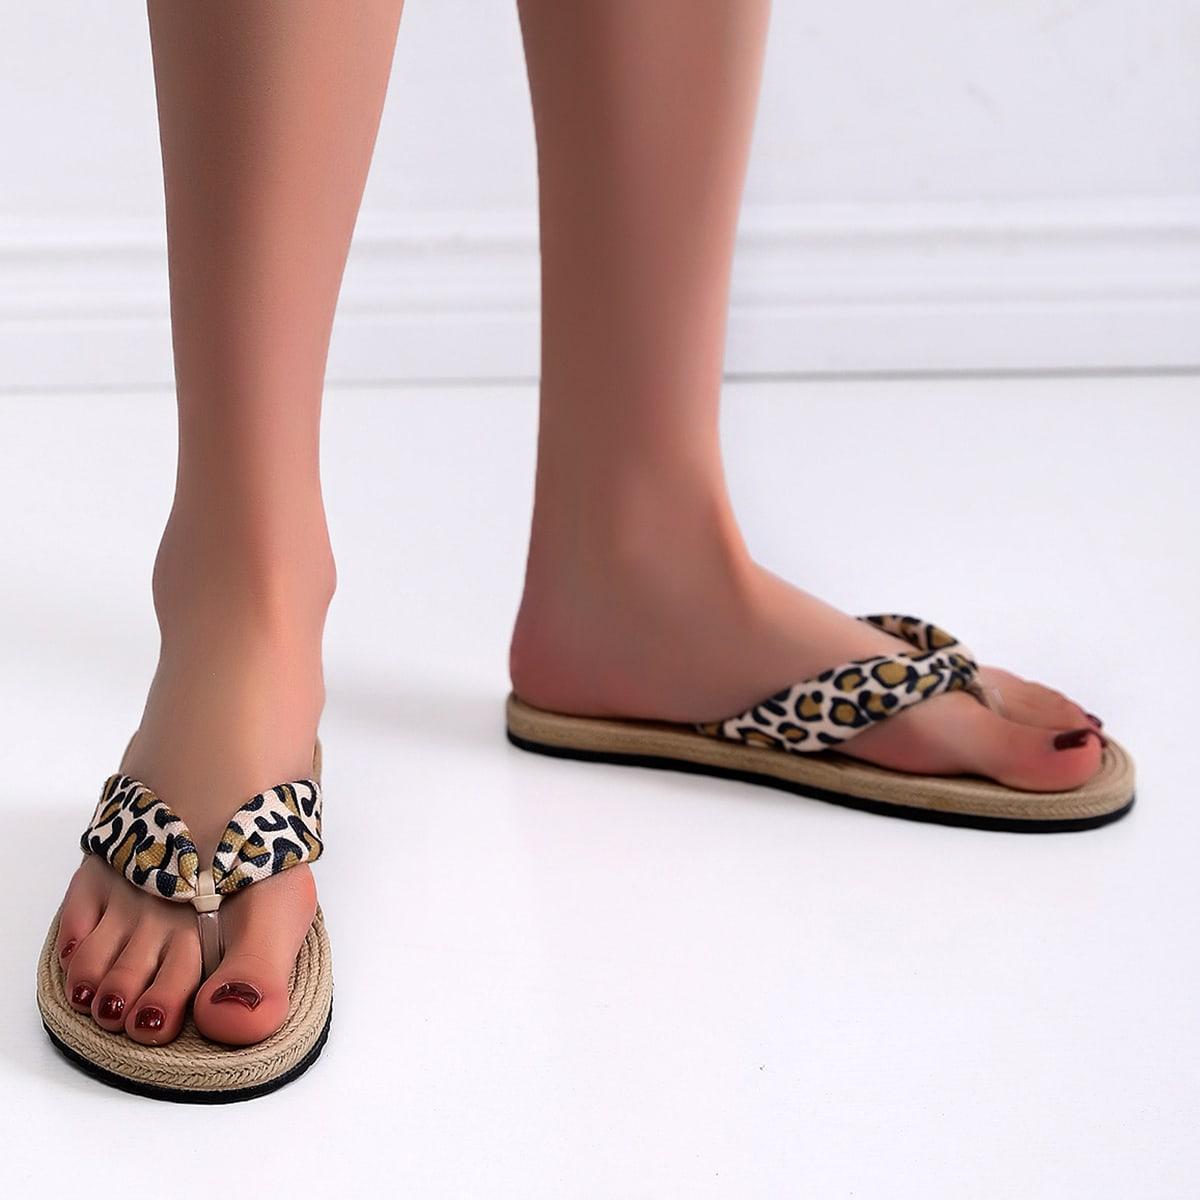 Вьетнамки с леопардовым принтом SheIn swshoes18201231323